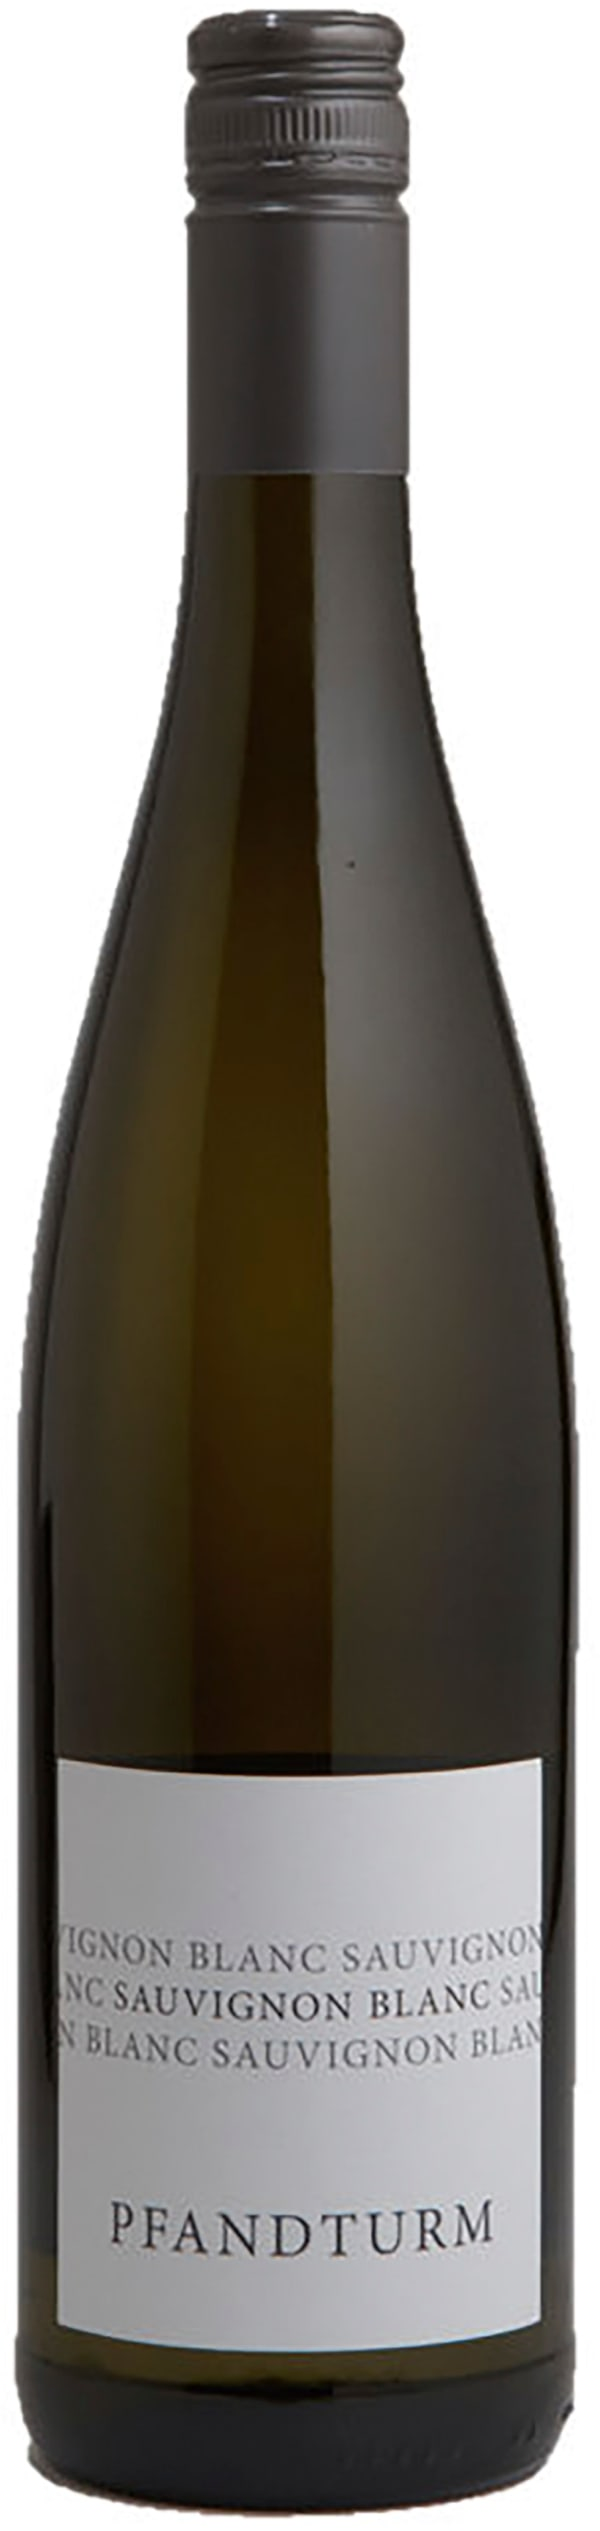 Pfandturm Sauvignon Blanc 2017